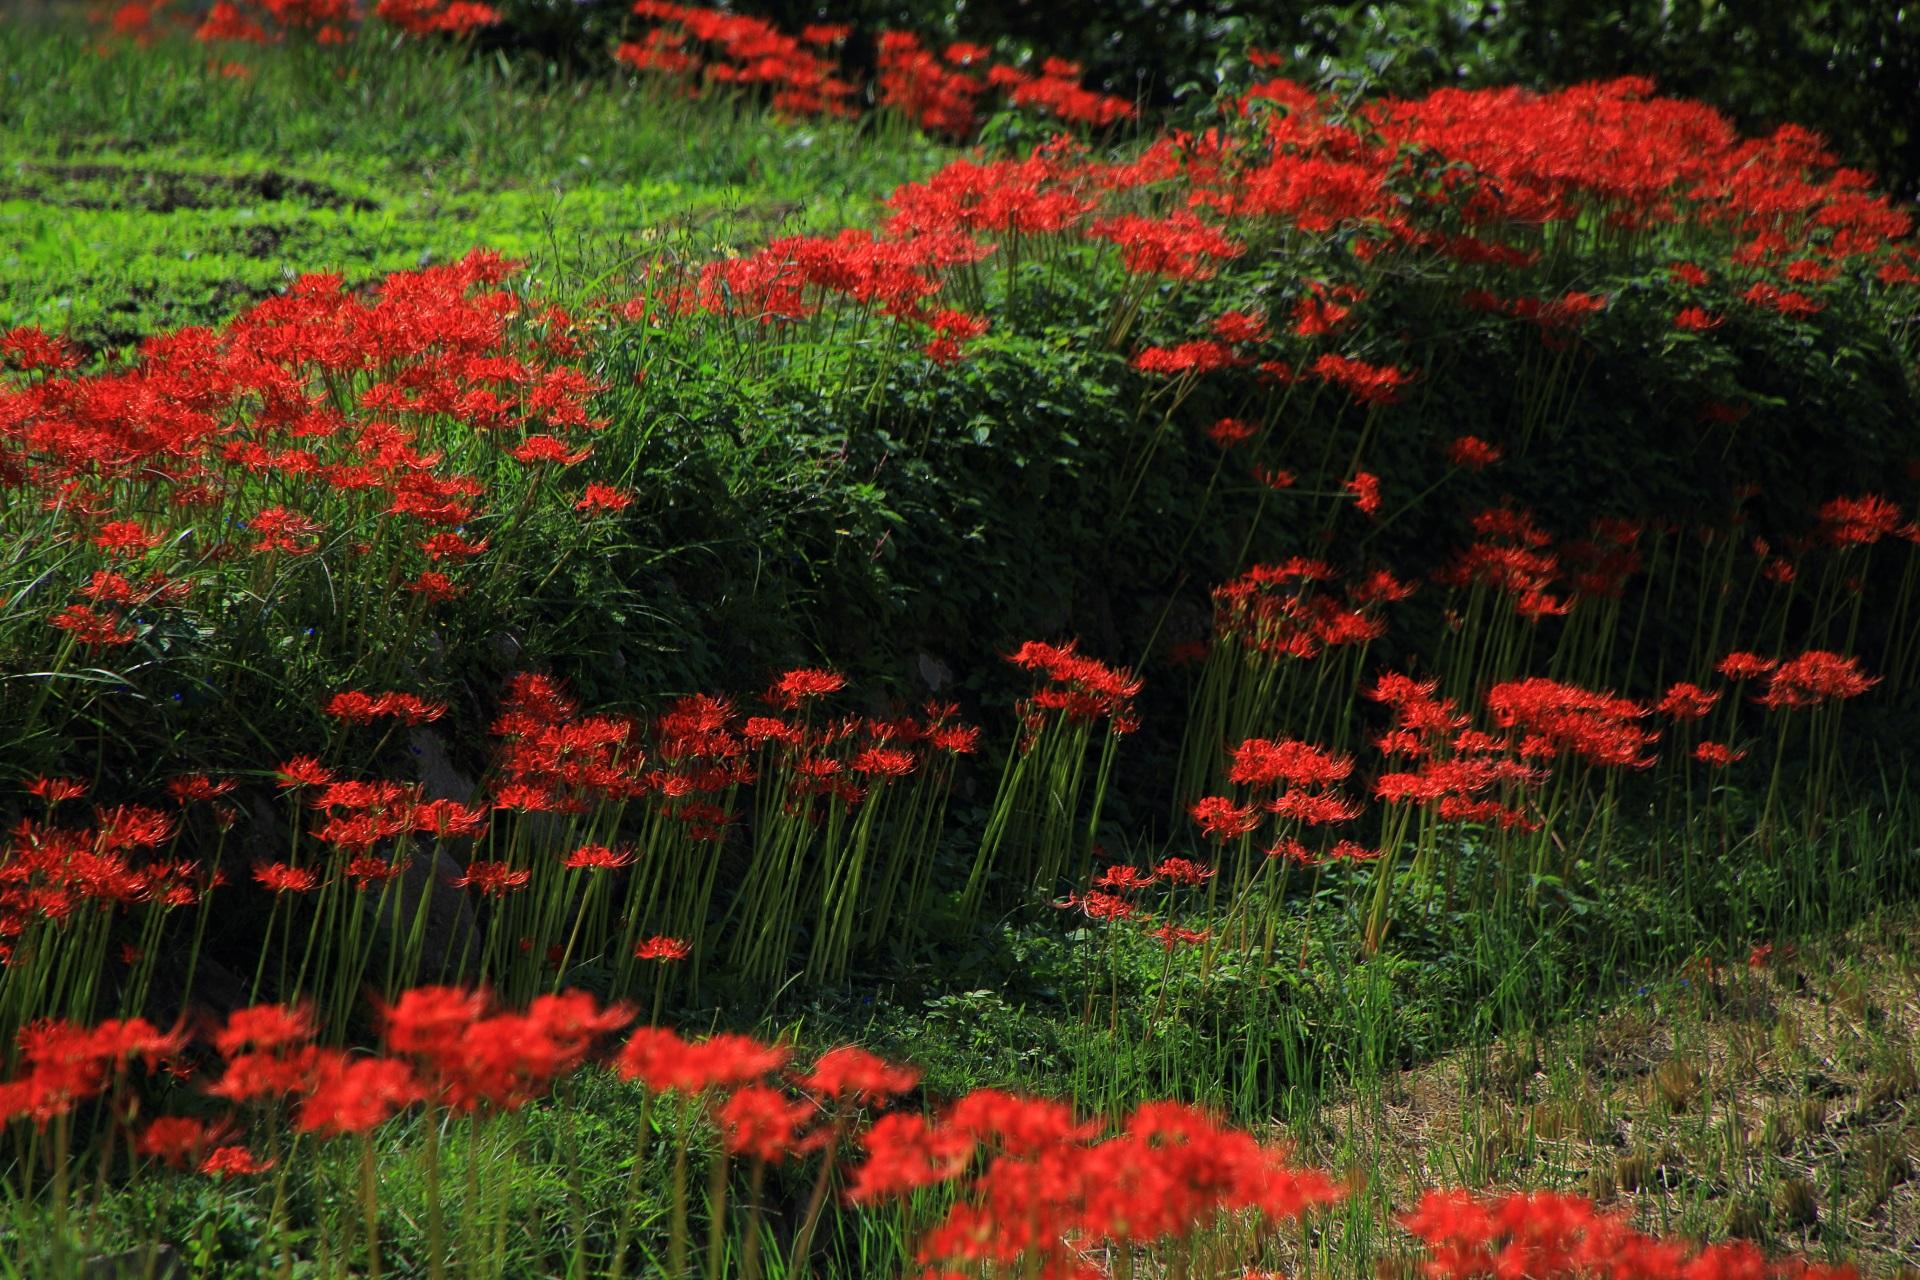 大原の田園に輝くように咲く彼岸花